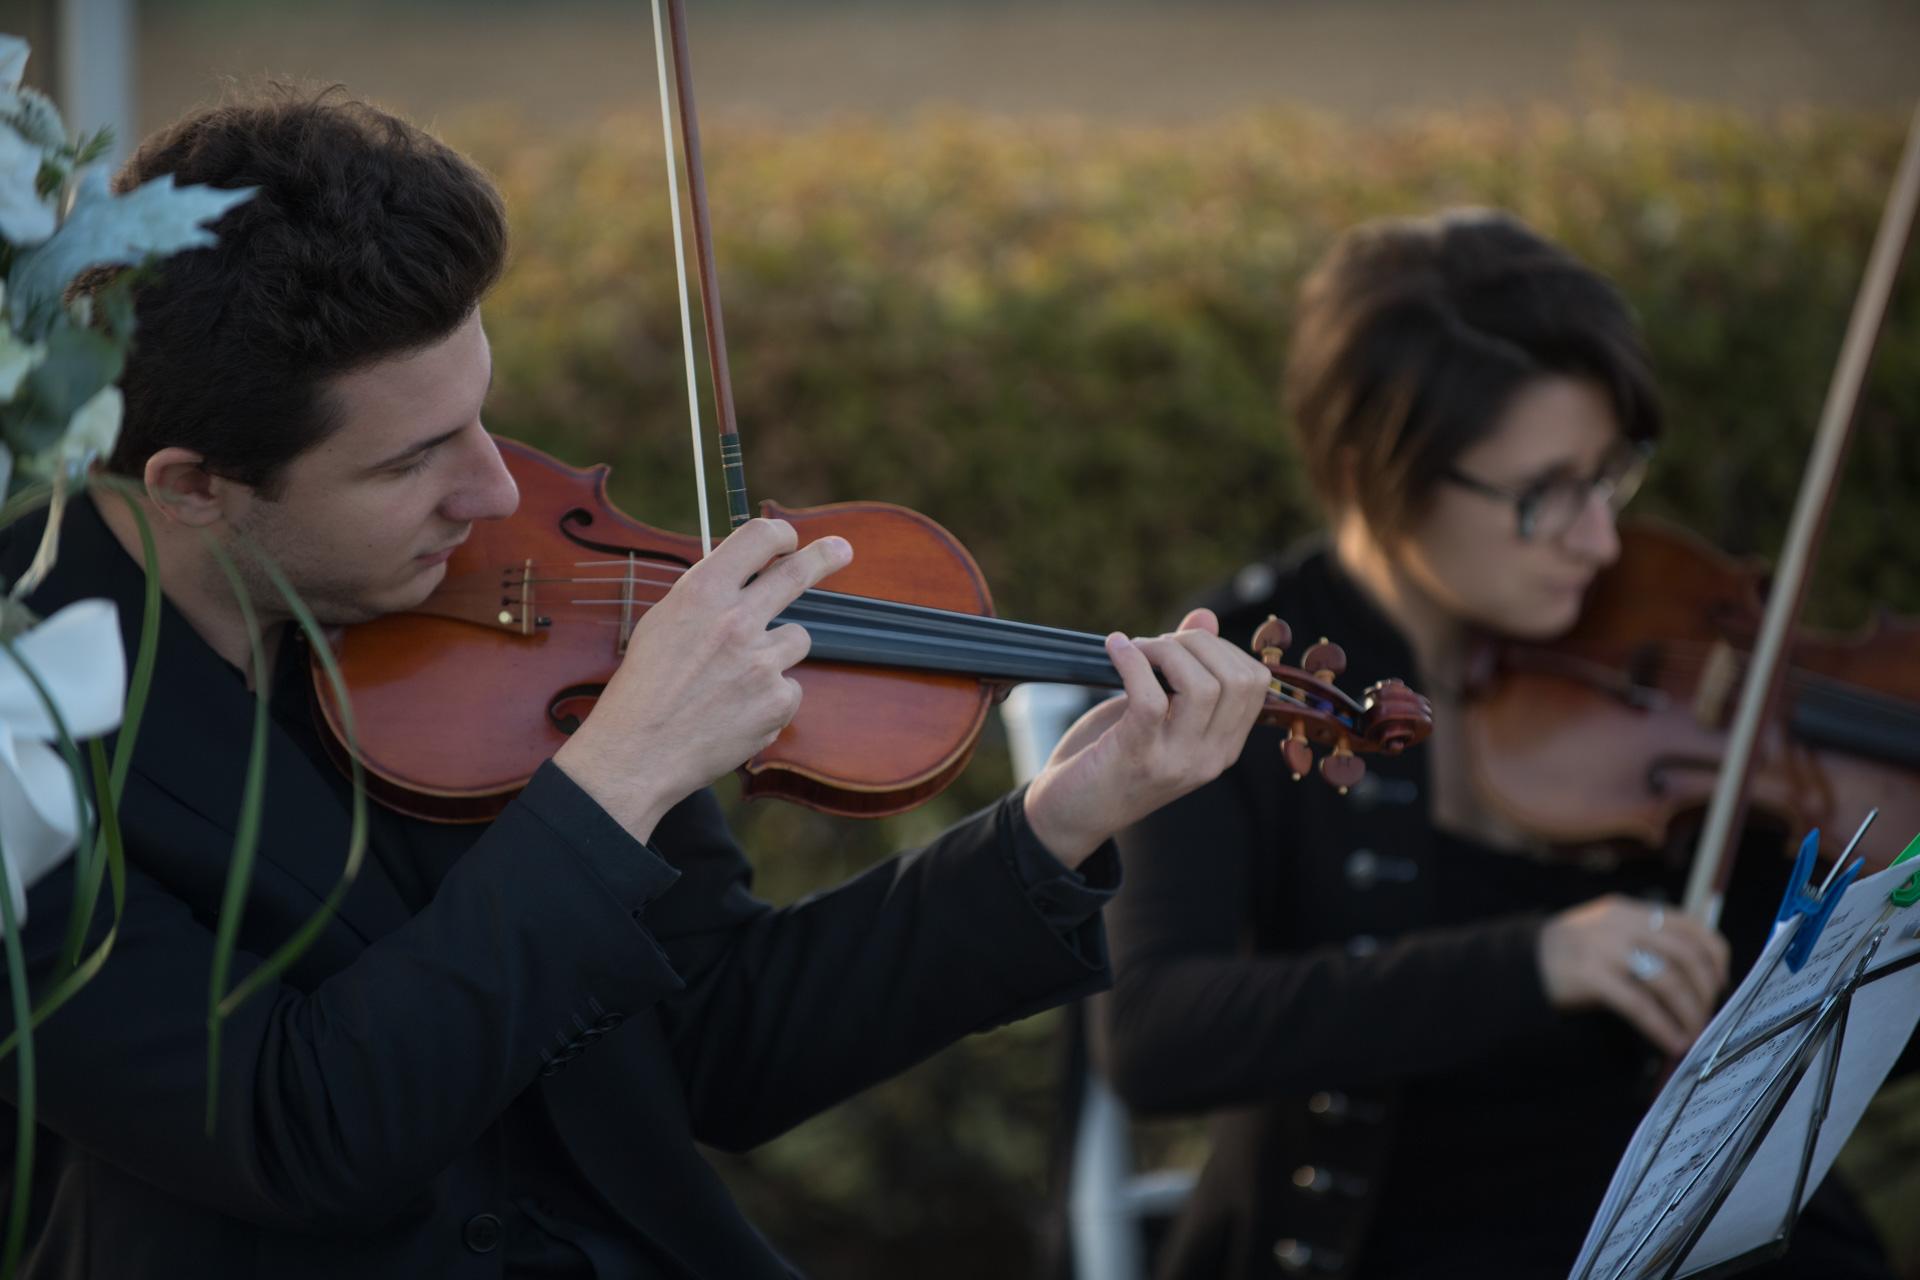 Novensemble Musica dal vivo Bologna Daniele Negrini Violino